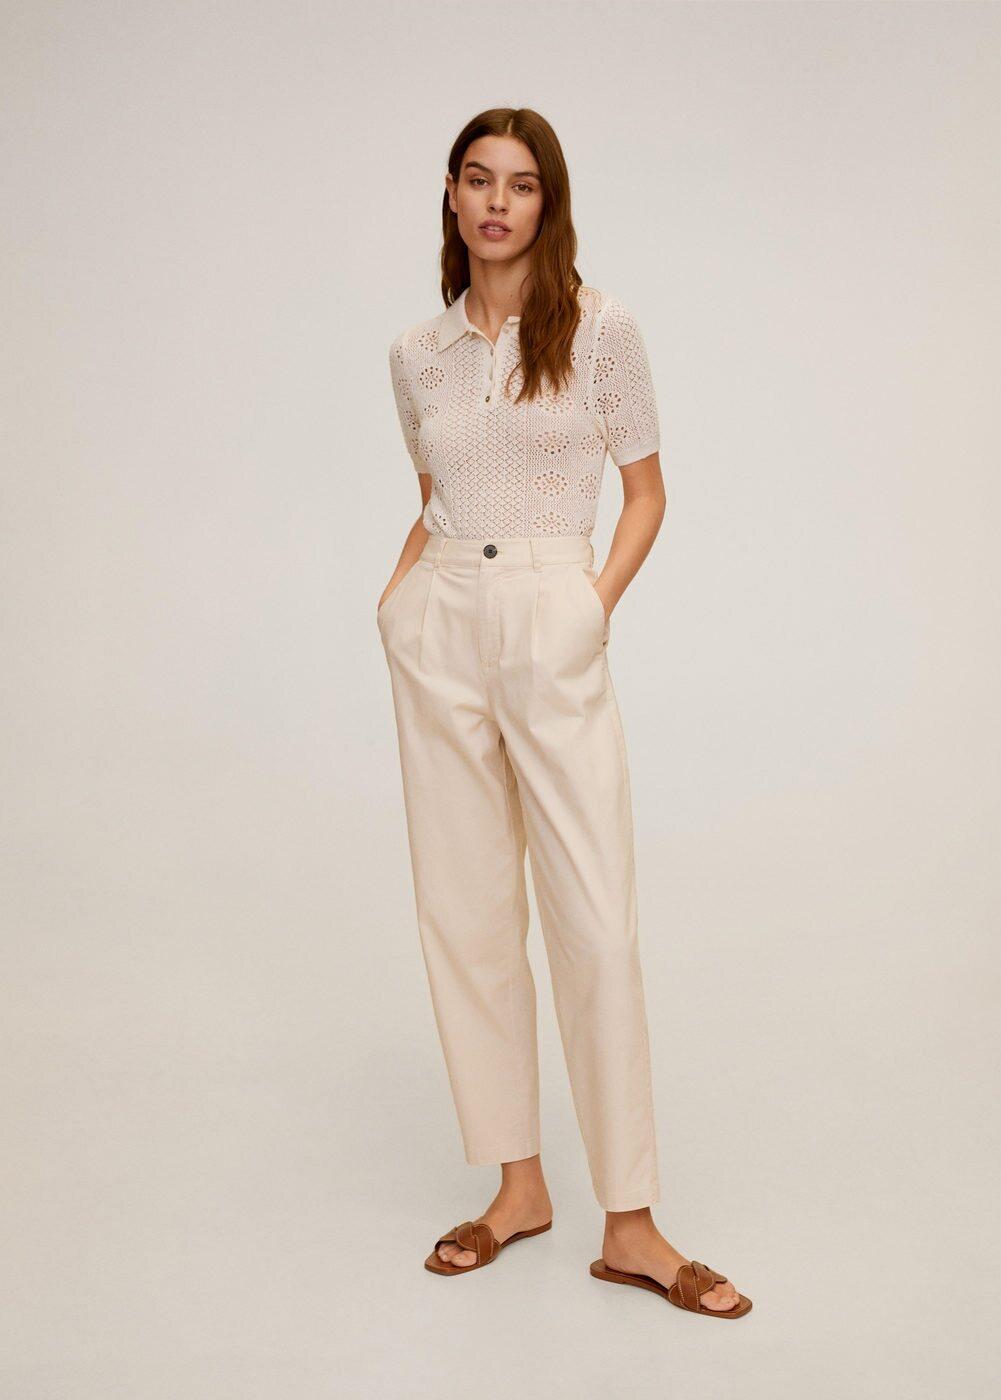 áo polo trắng chất liệu đan móc quần ống suông trắng